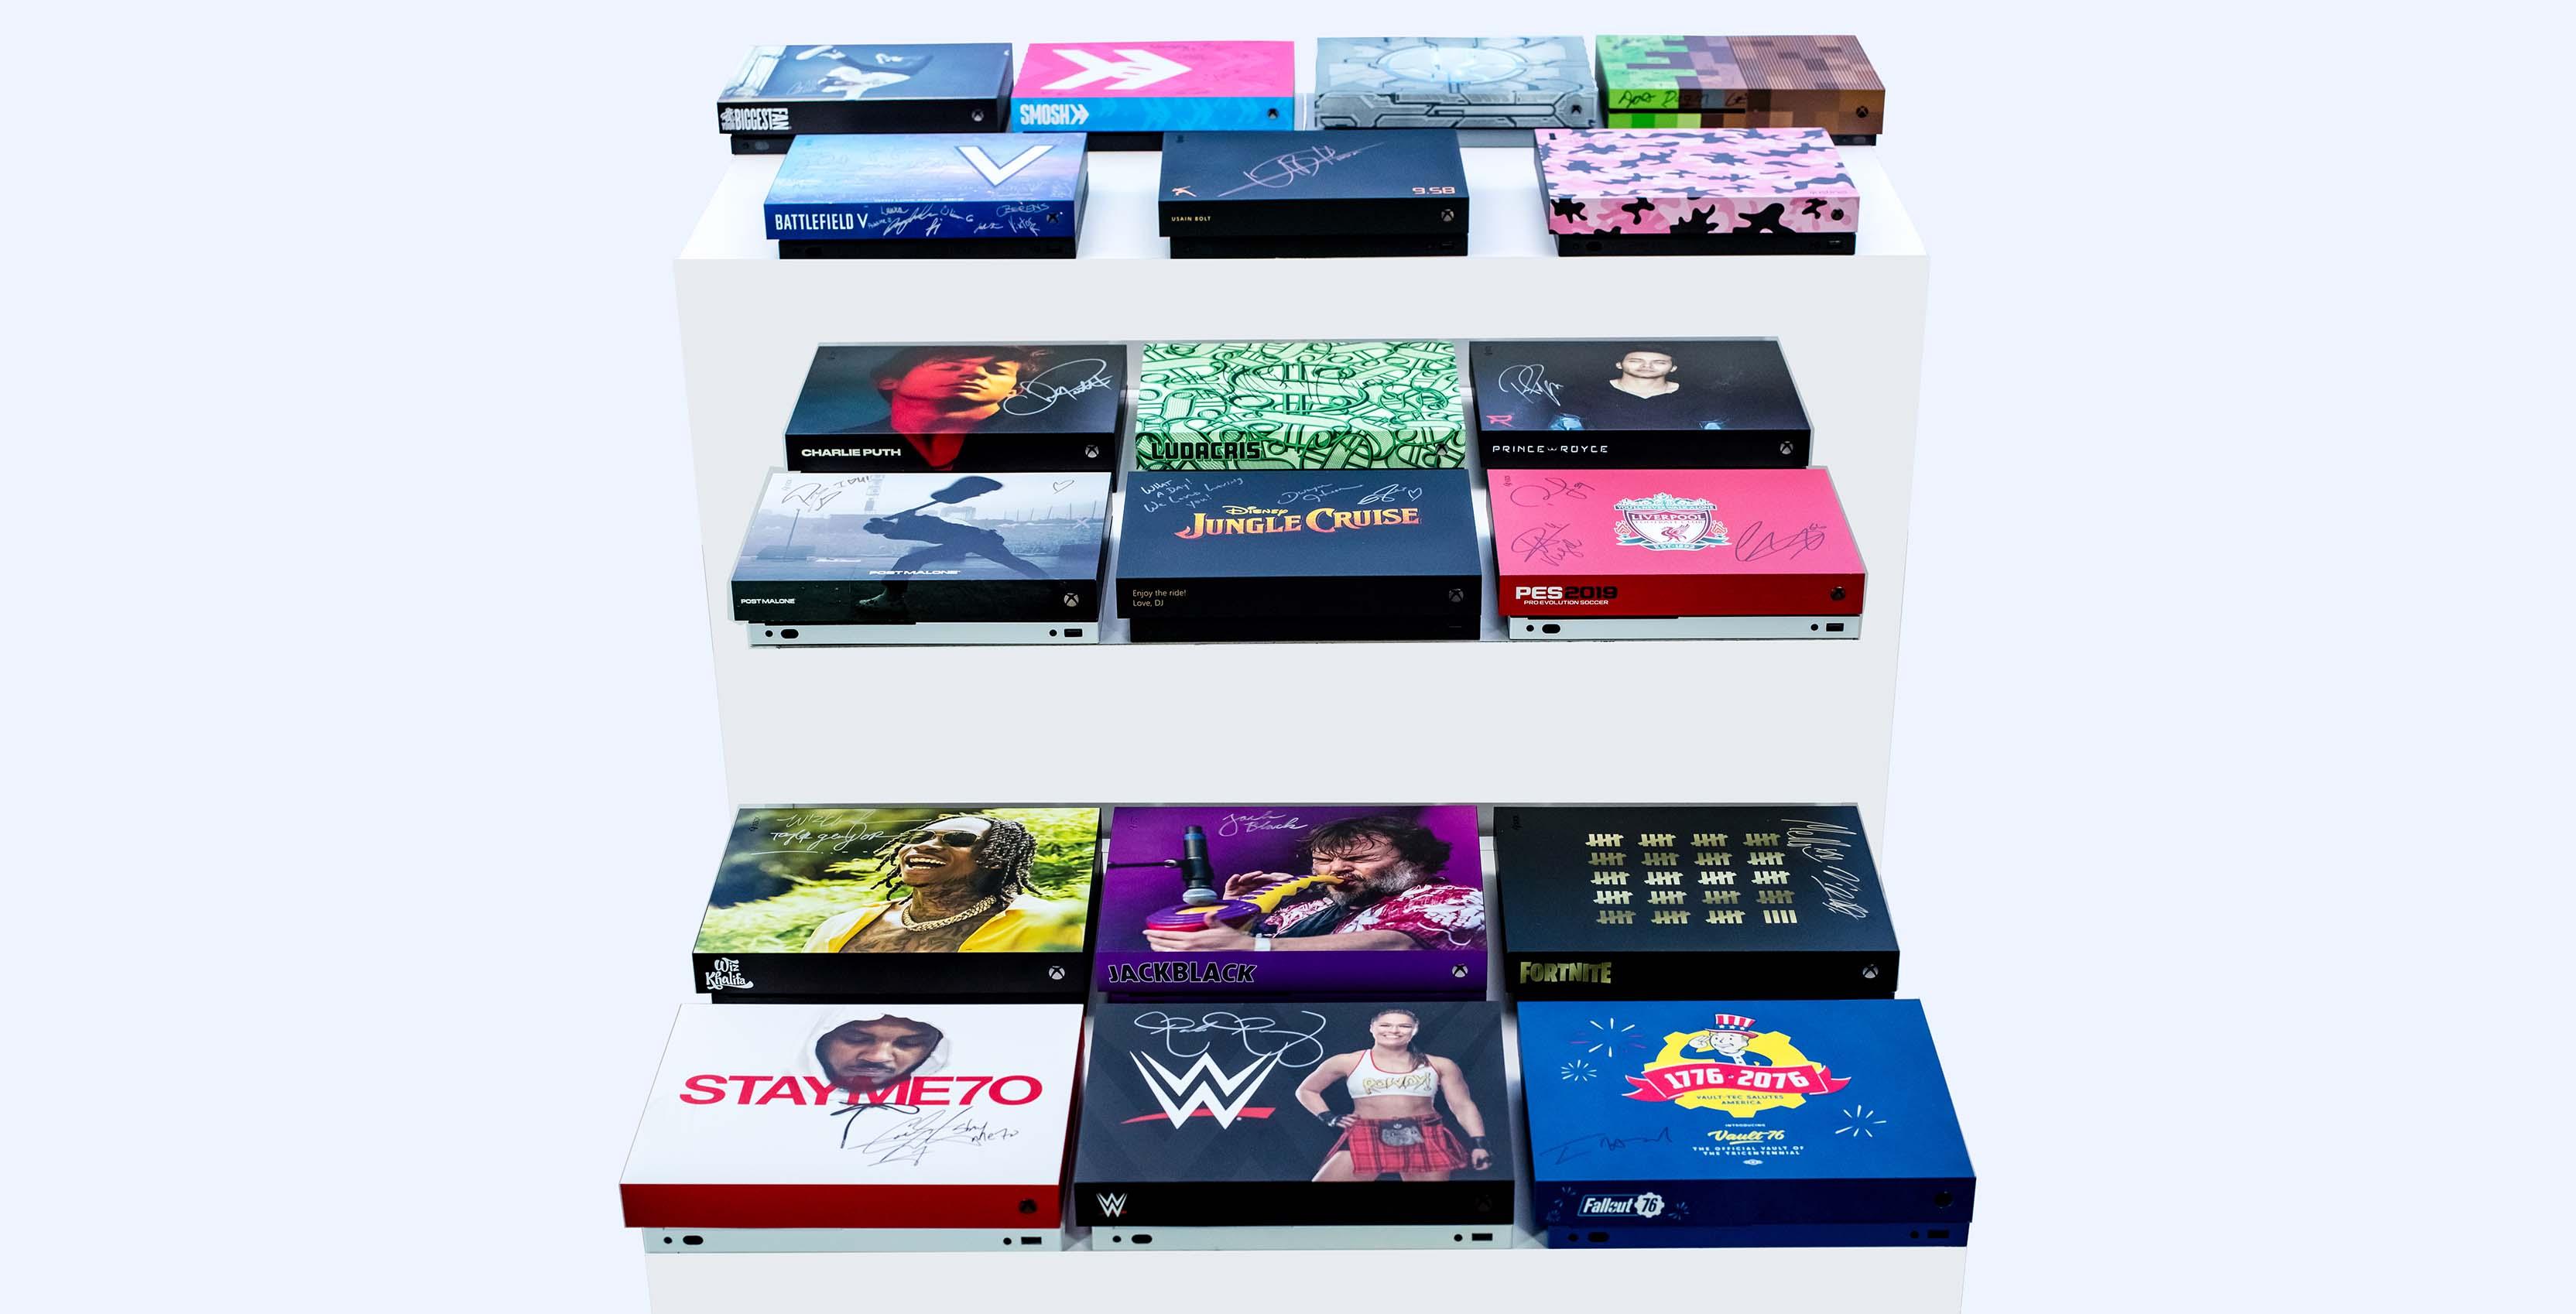 Custom Xbox One X consoles